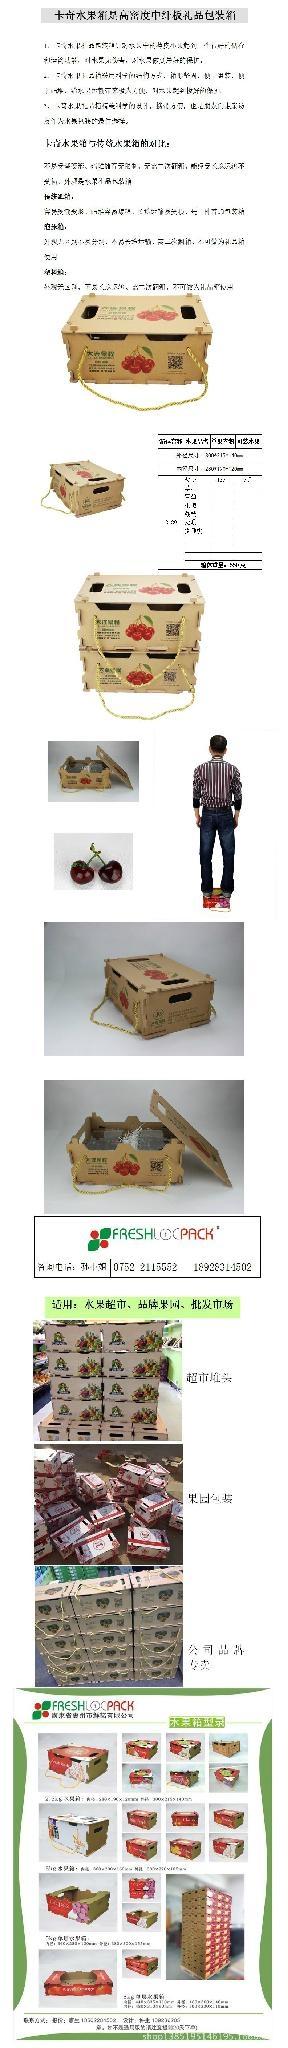 櫻桃禮品箱 5